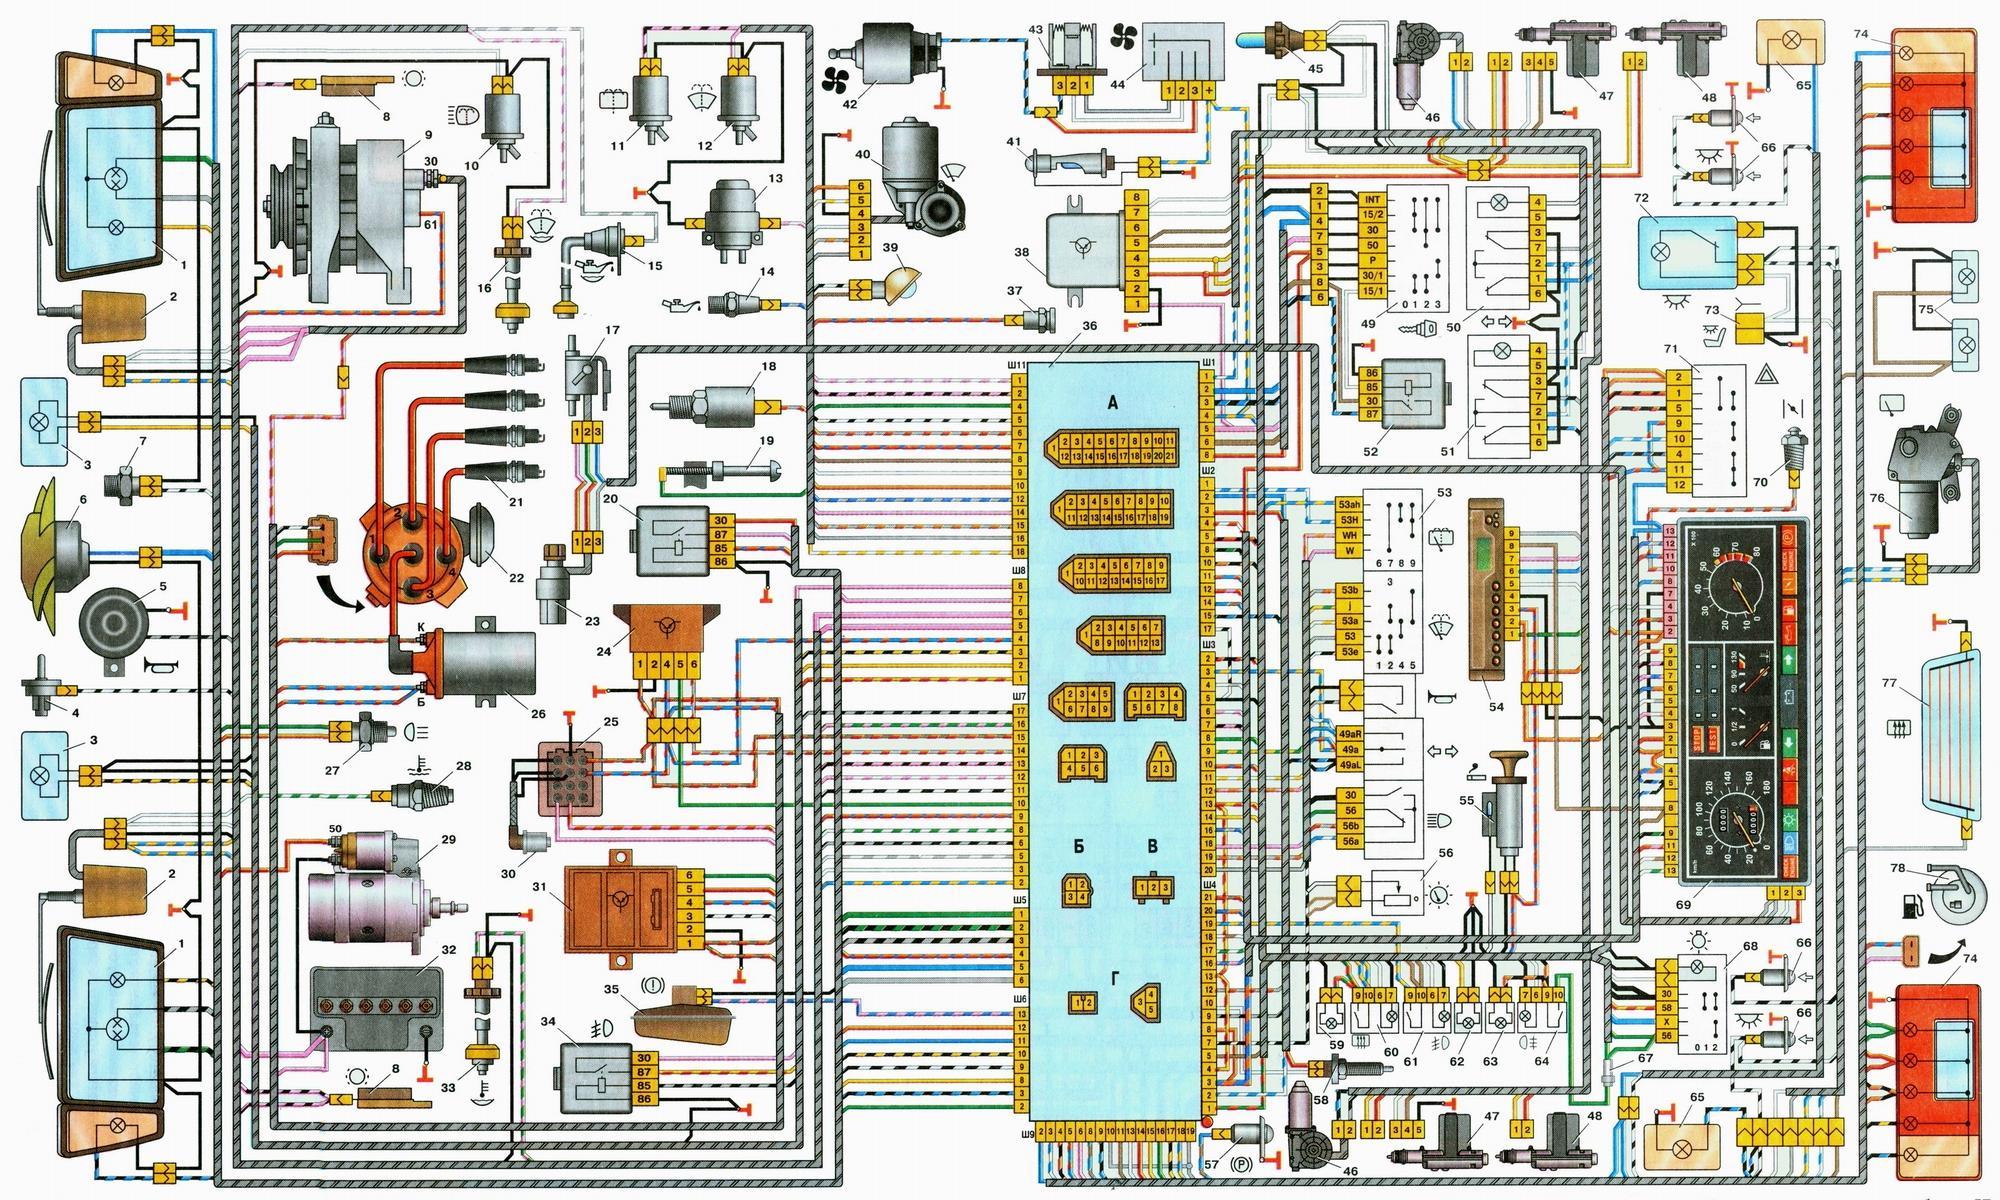 """Электрическая схема автомобилей ВАЗ-21093 и ВАЗ-21099 исполнения  """"люкс """" с  """"высокой """" панелью приборов (кликабельно)."""